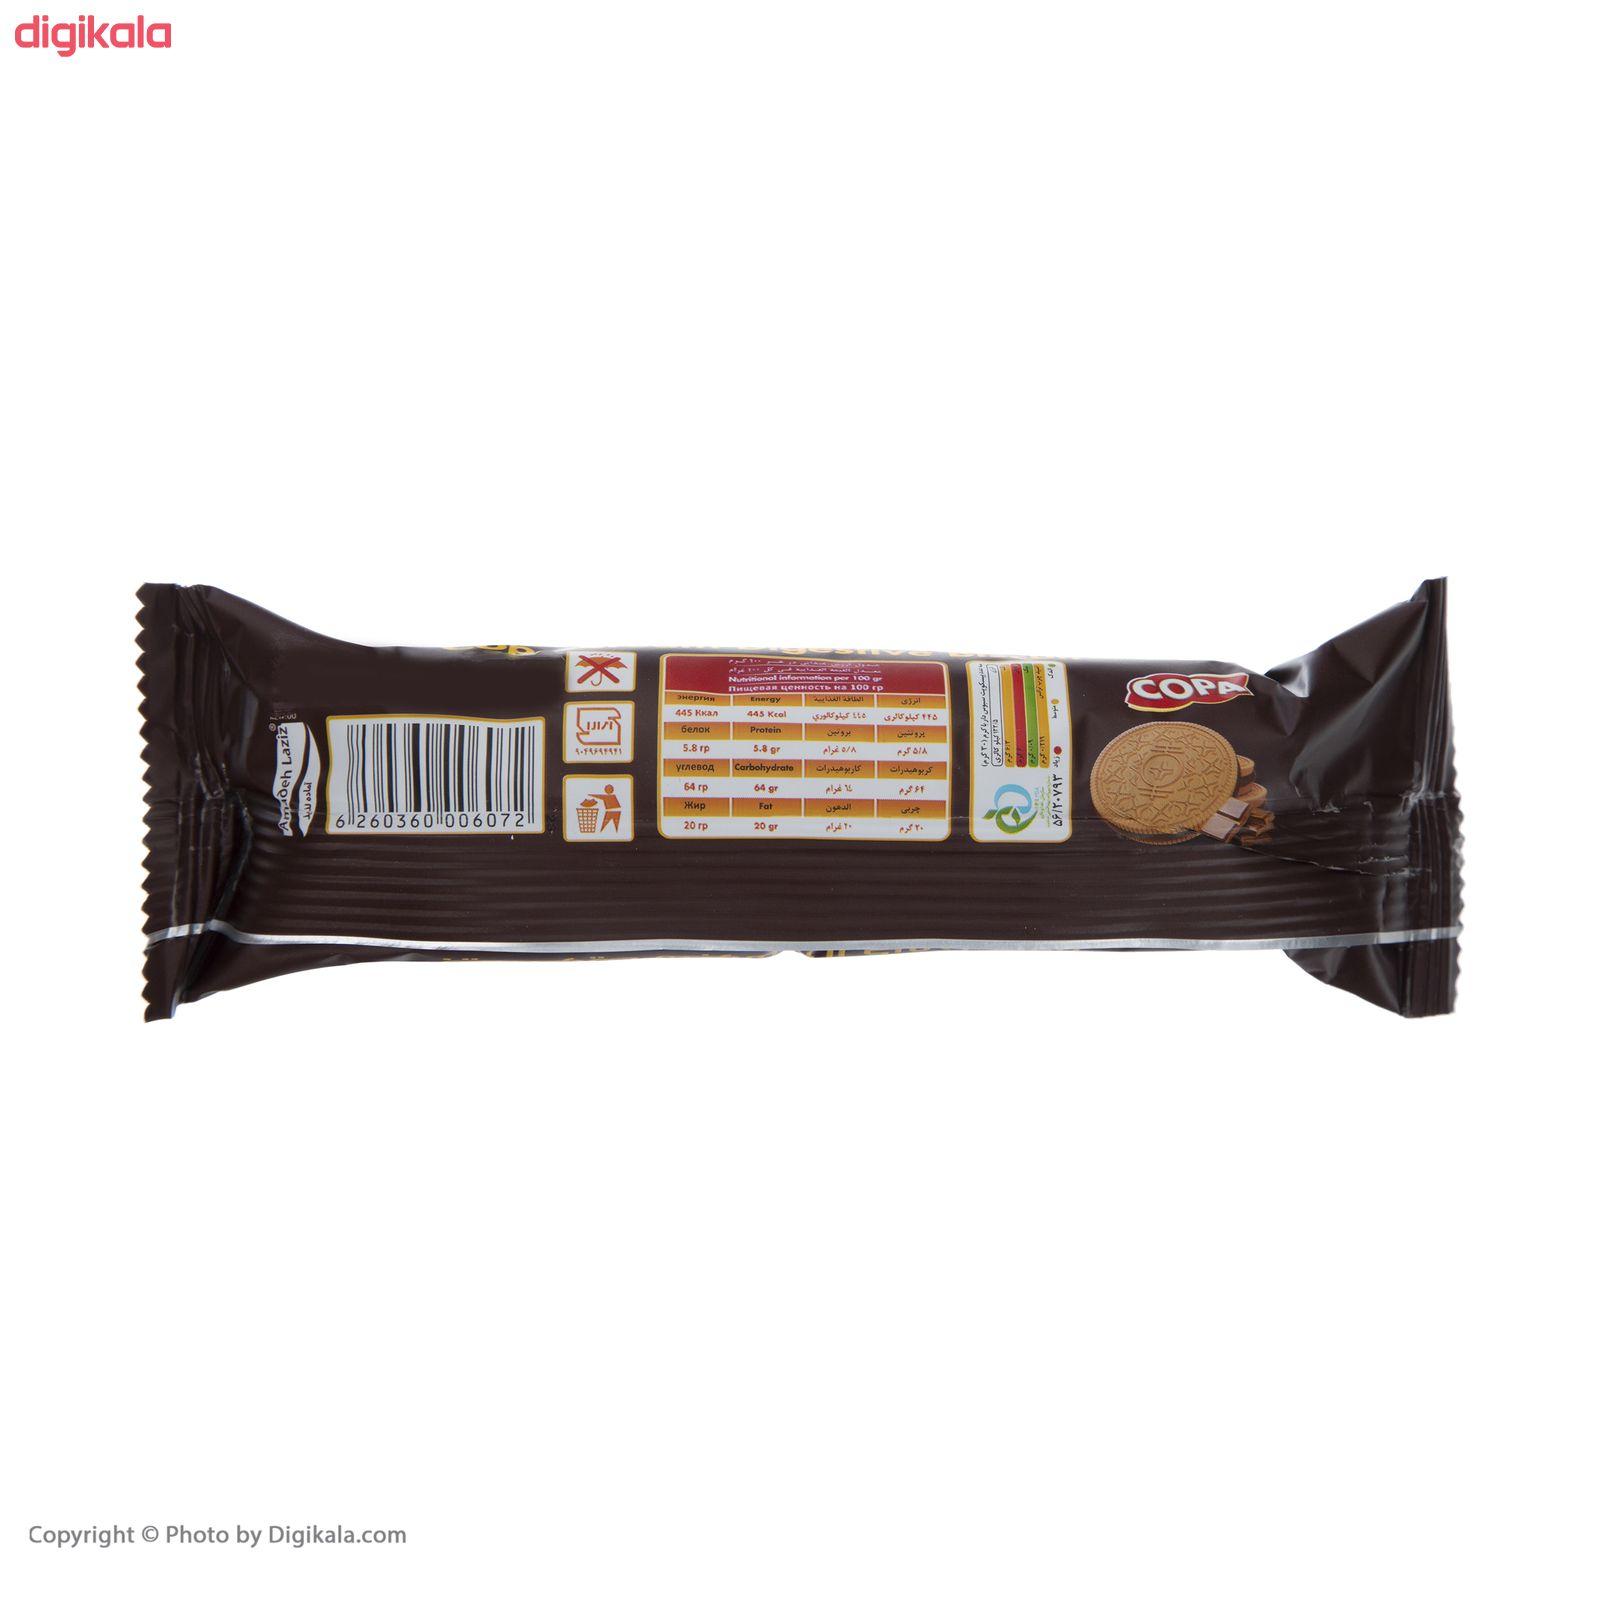 بیسکویت کرمدار دایجستیو کوپا با طعم کاکائو - بسته 24 عددی main 1 4